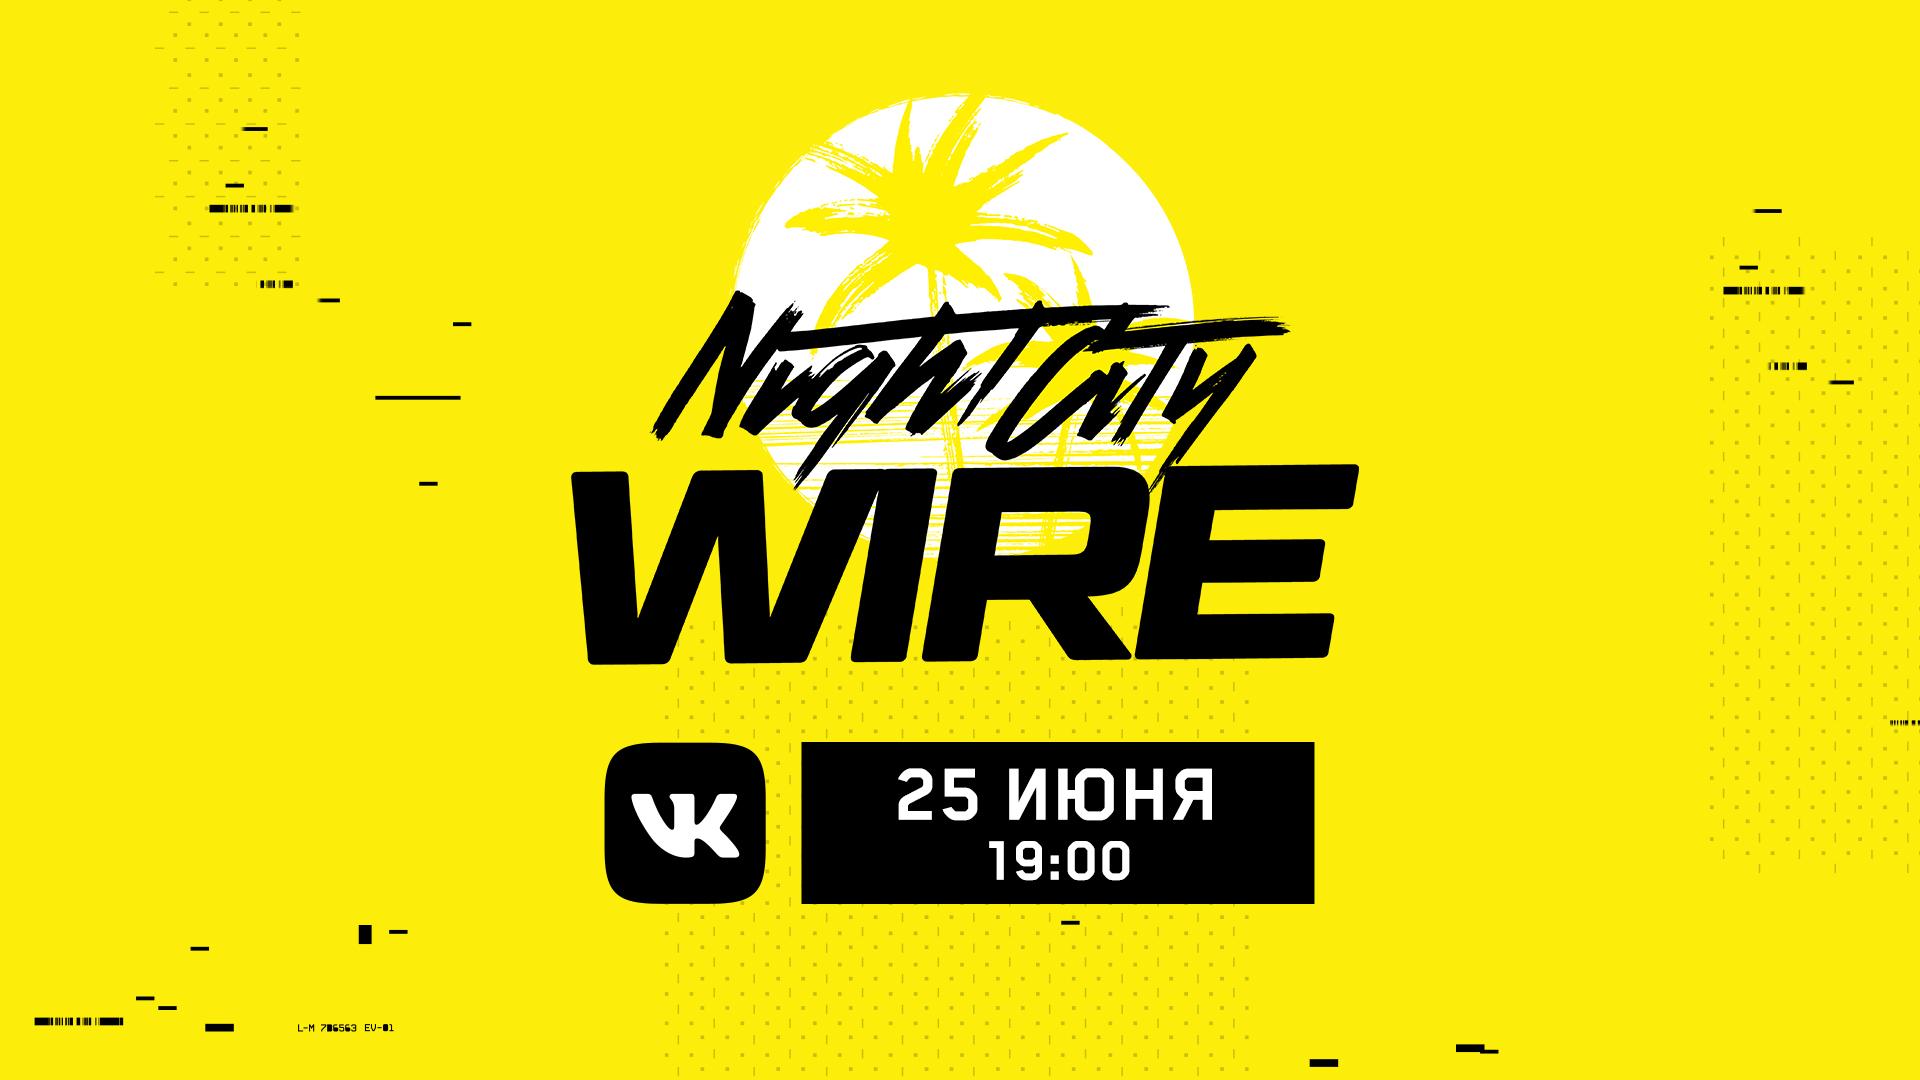 NC_Wire_Date_1920x1080_RU.jpg